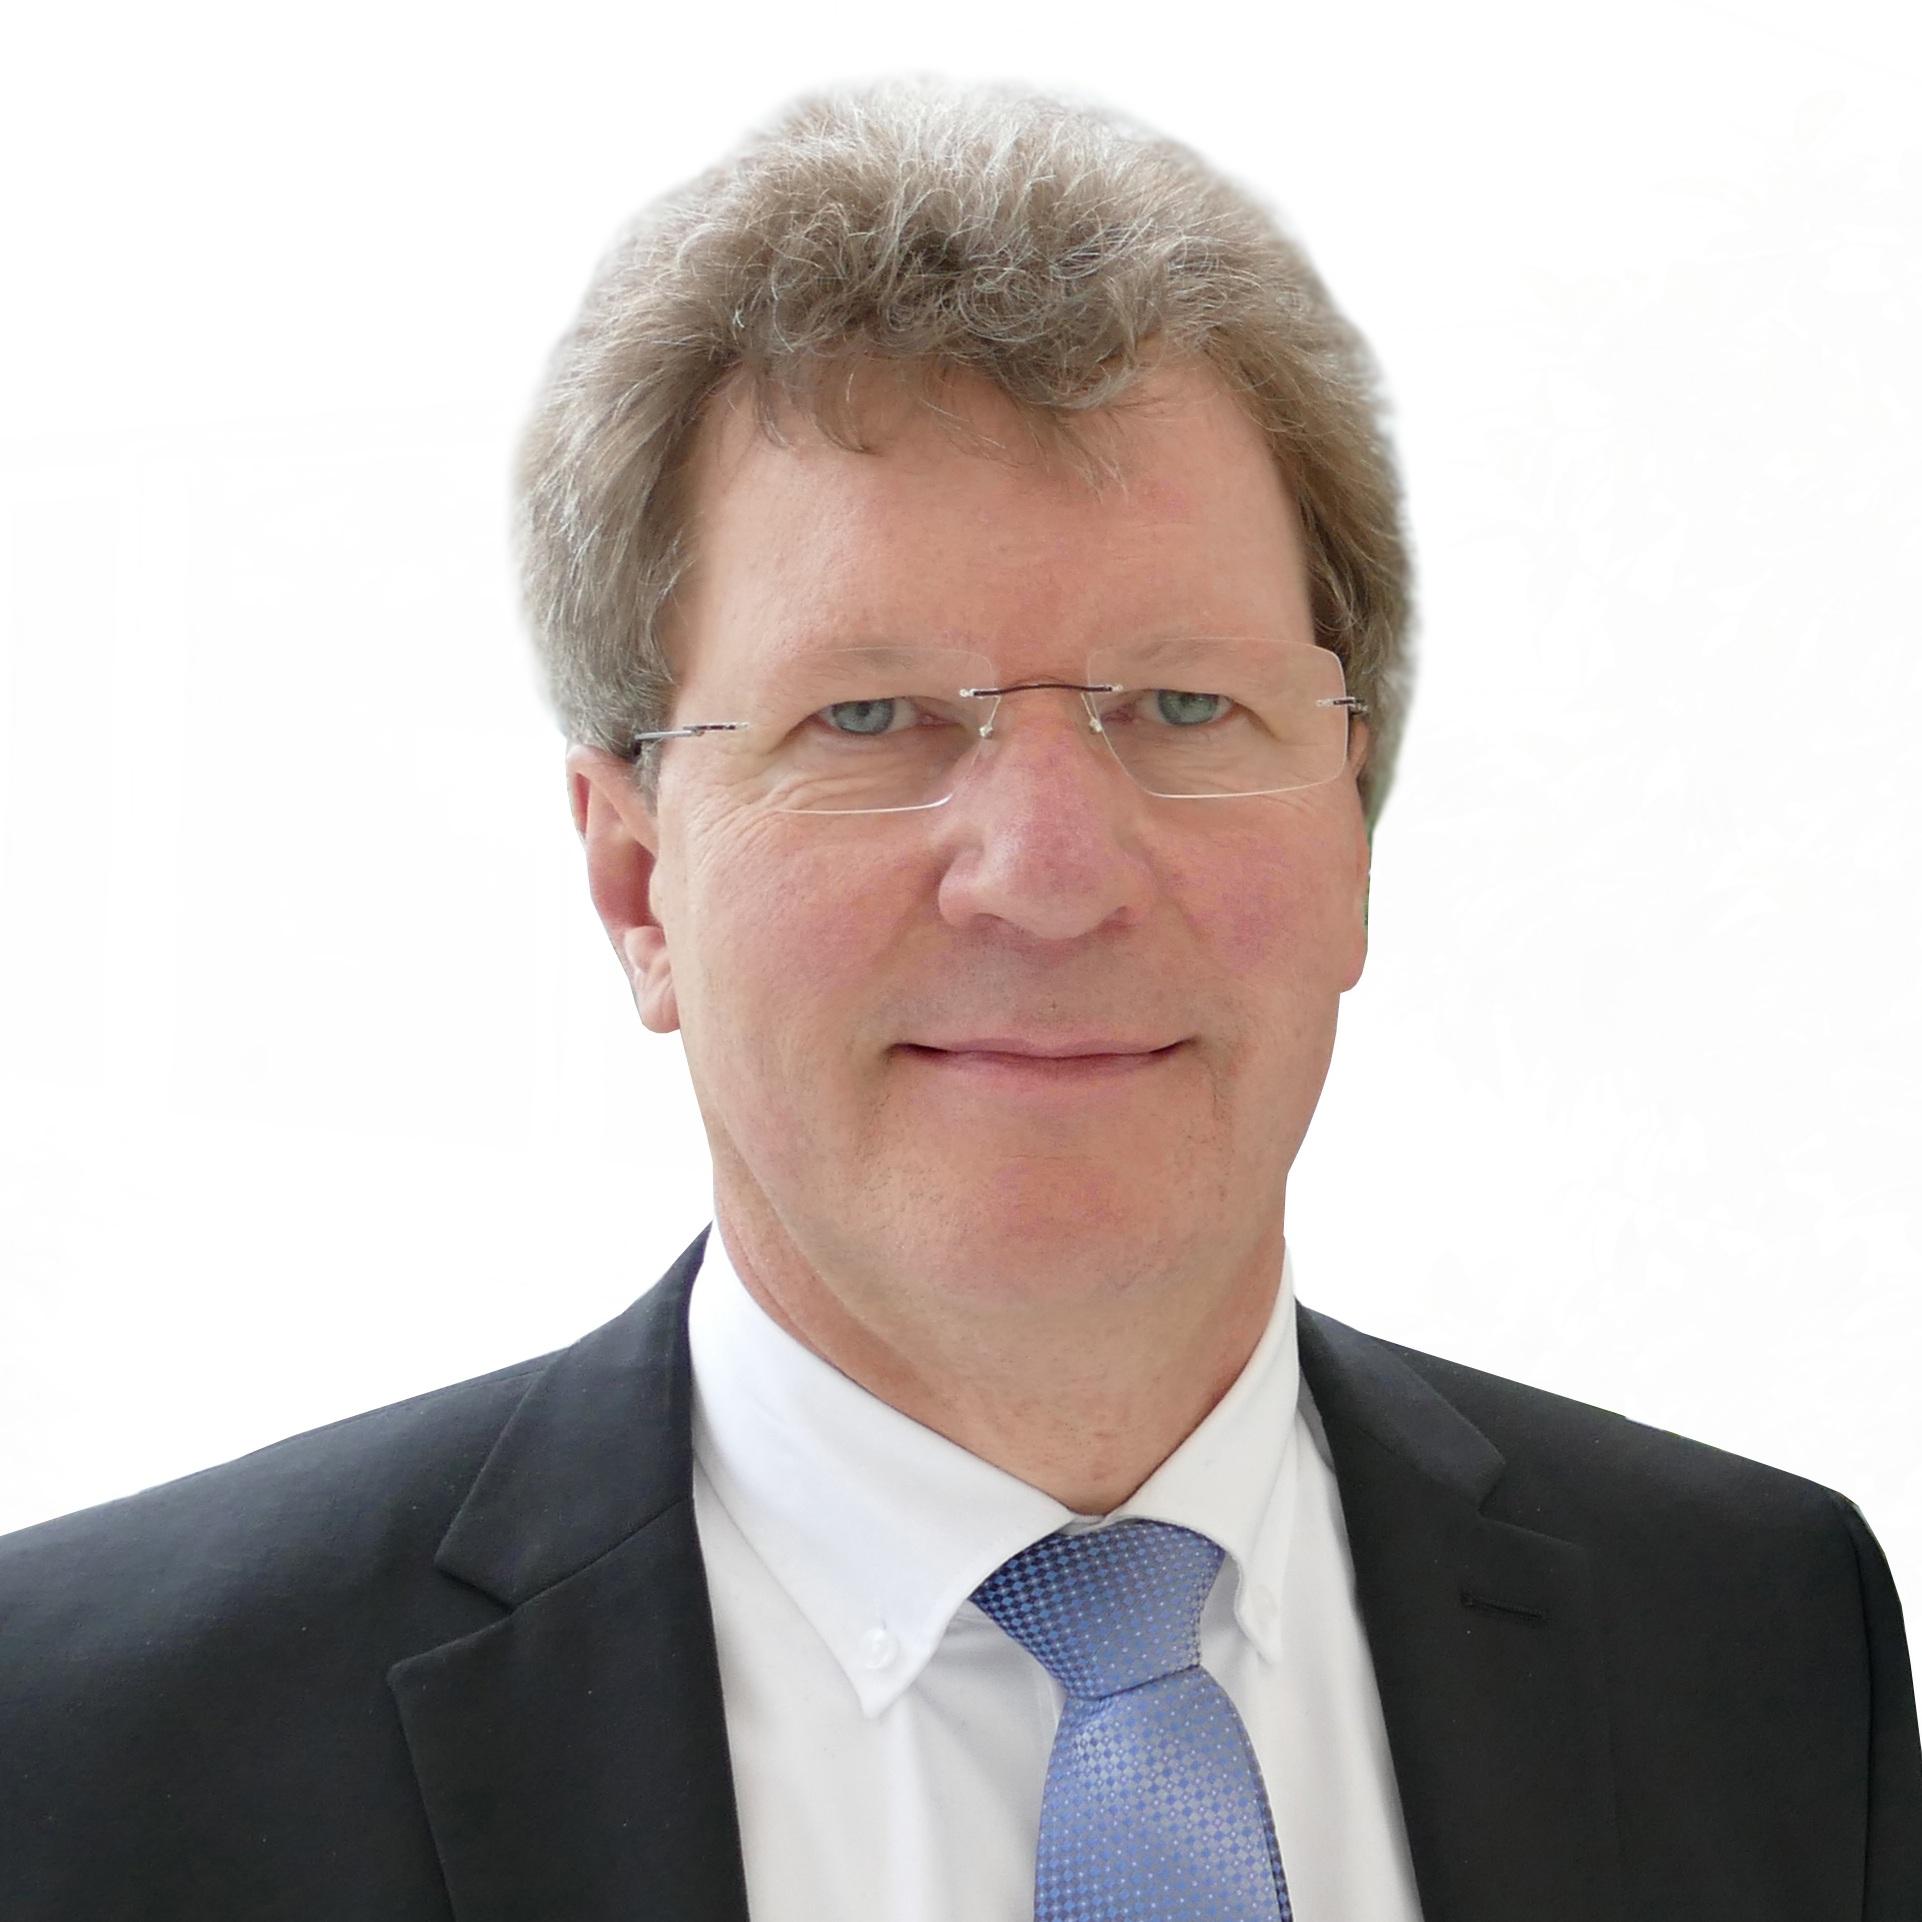 Johannes_Bartsch_Shimadzu_EU-Japan_Forum-Trade-Investment.jpg